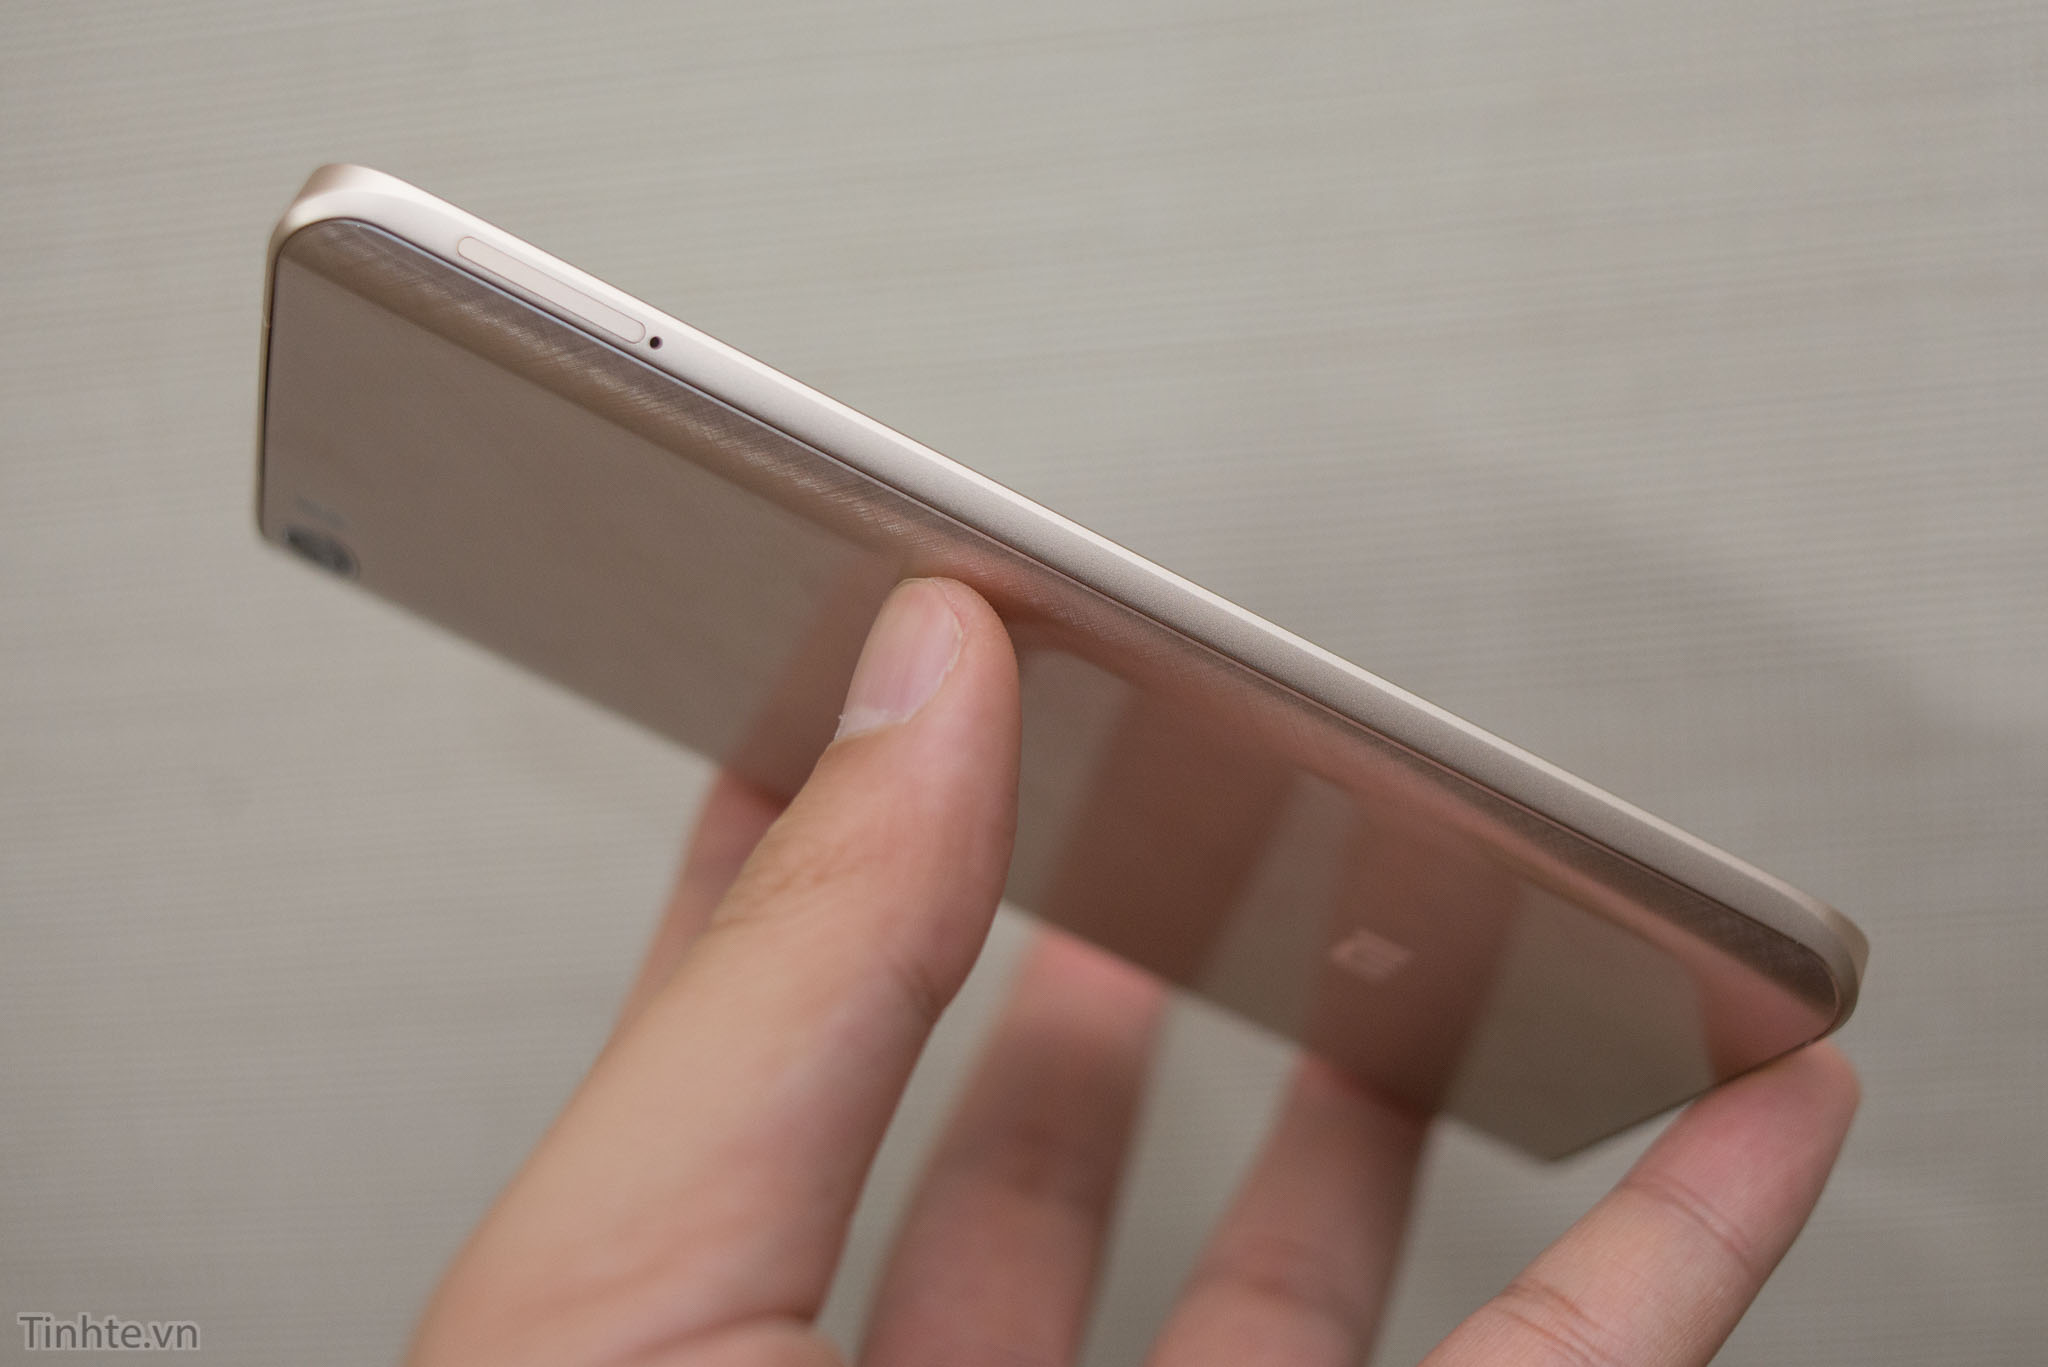 Xiaomi_Mi5_chinh_hang_tren_tay_tinhte.vn-18.jpg